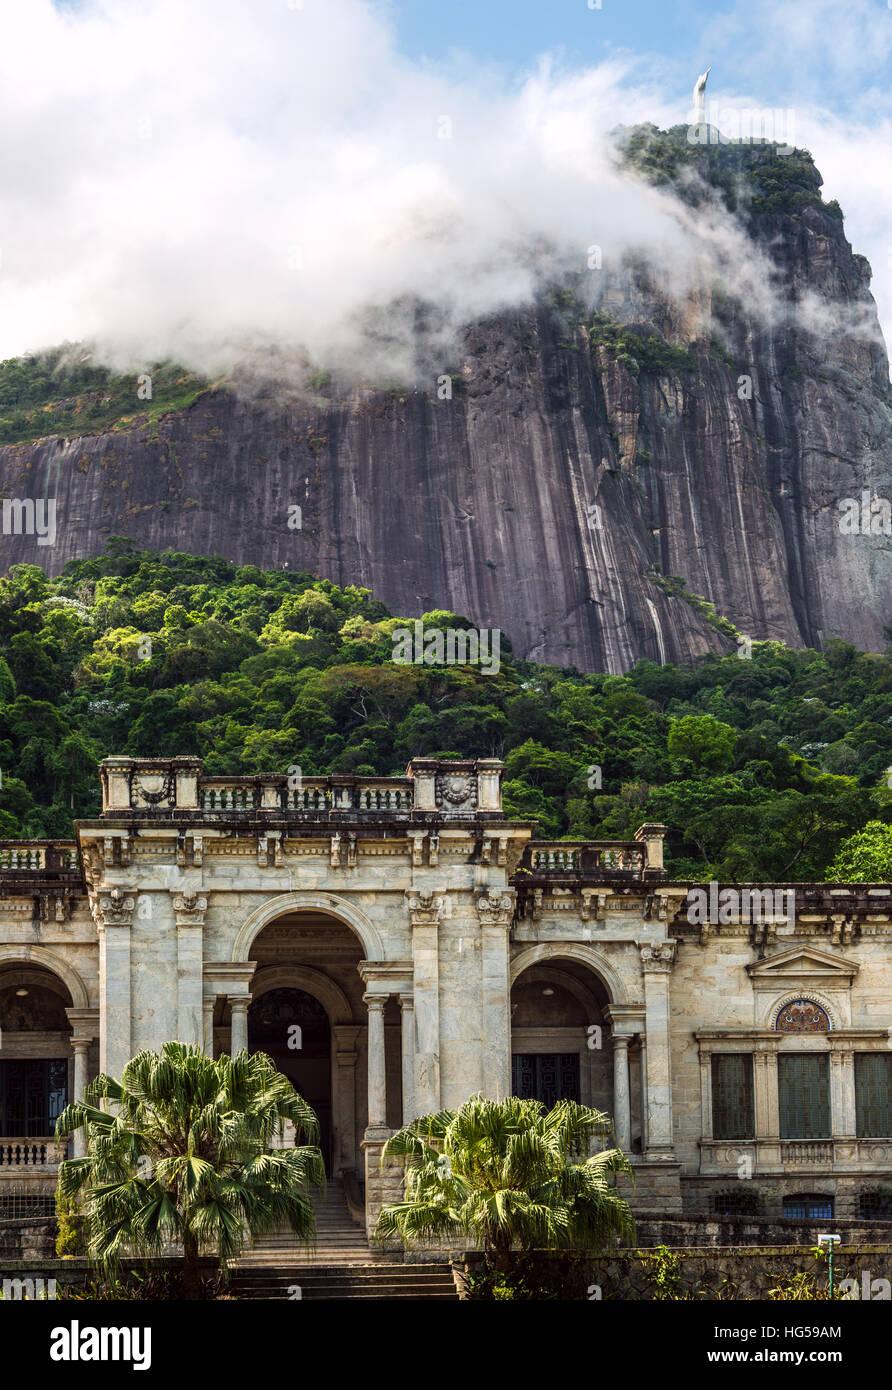 Río de Janeiro, Brasil - 3 de enero de 2017: la mansión del estilo de la arquitectura italiana en el Parque Lage. Ahora es una Escuela de Artes Visuales de Río de Janeiro. Foto de stock